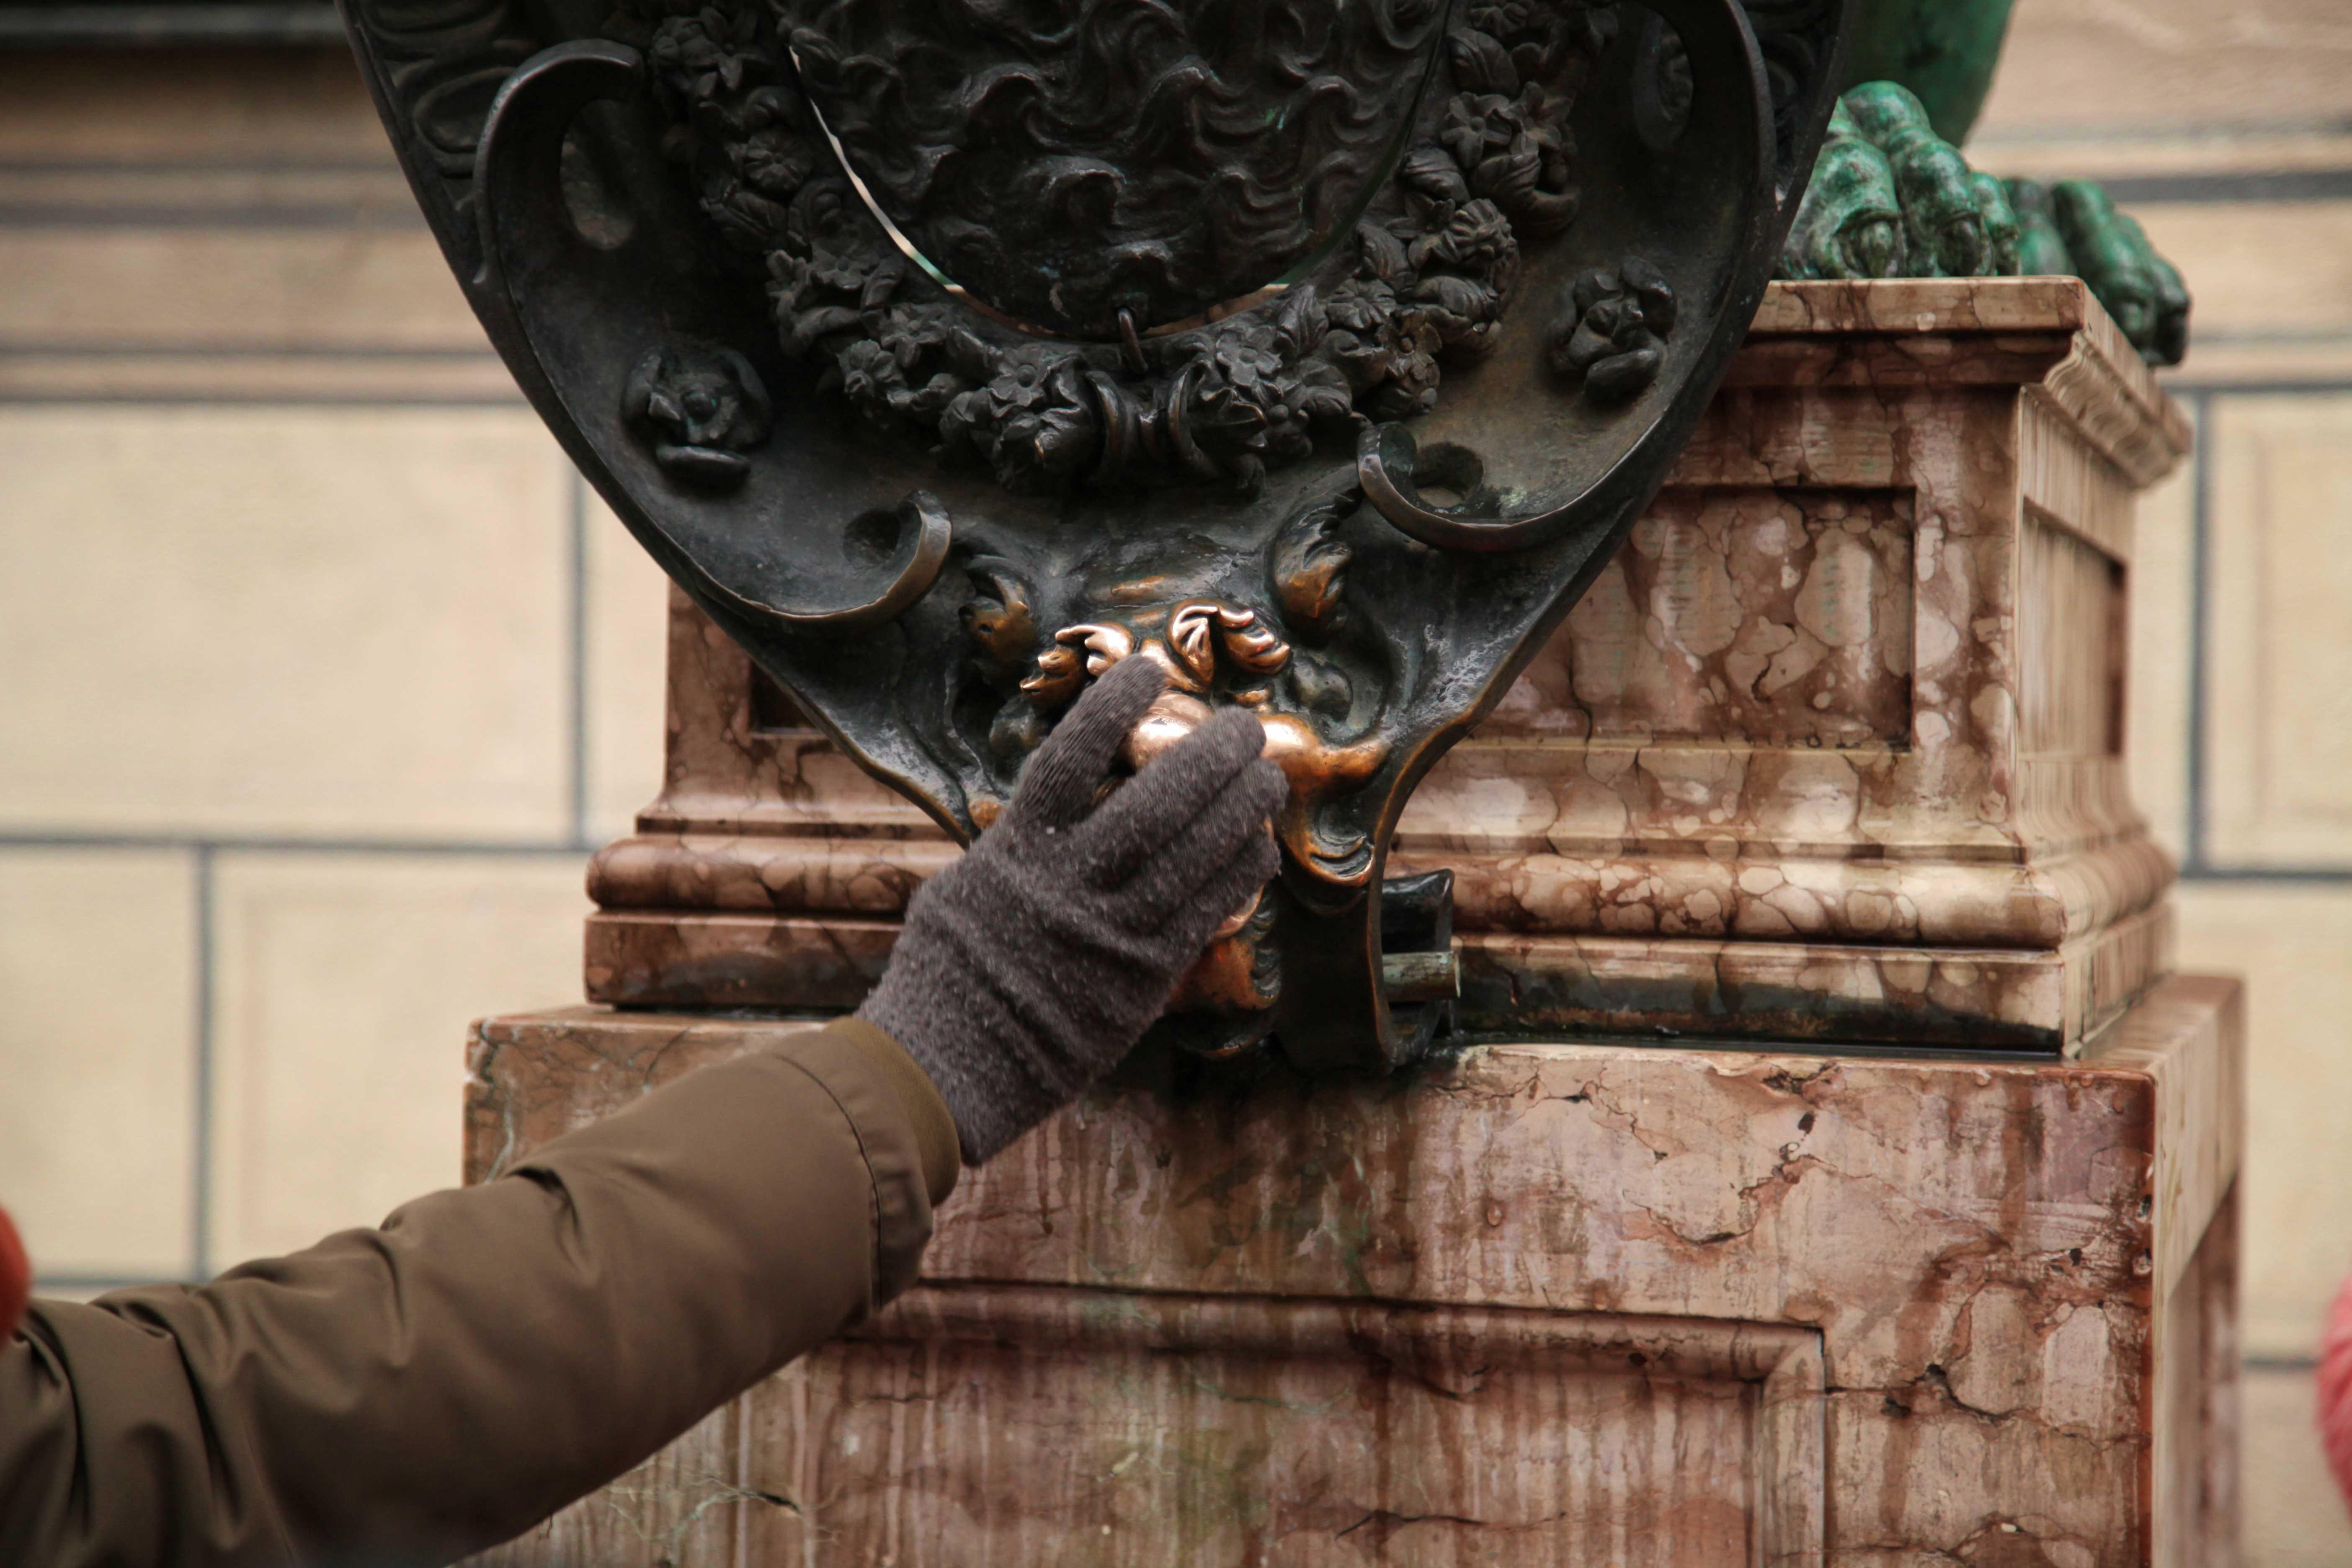 德國.海德堡、慕尼黑|看到銅像別亂抓 摸乳、抓手、搧嘴巴意義大不同